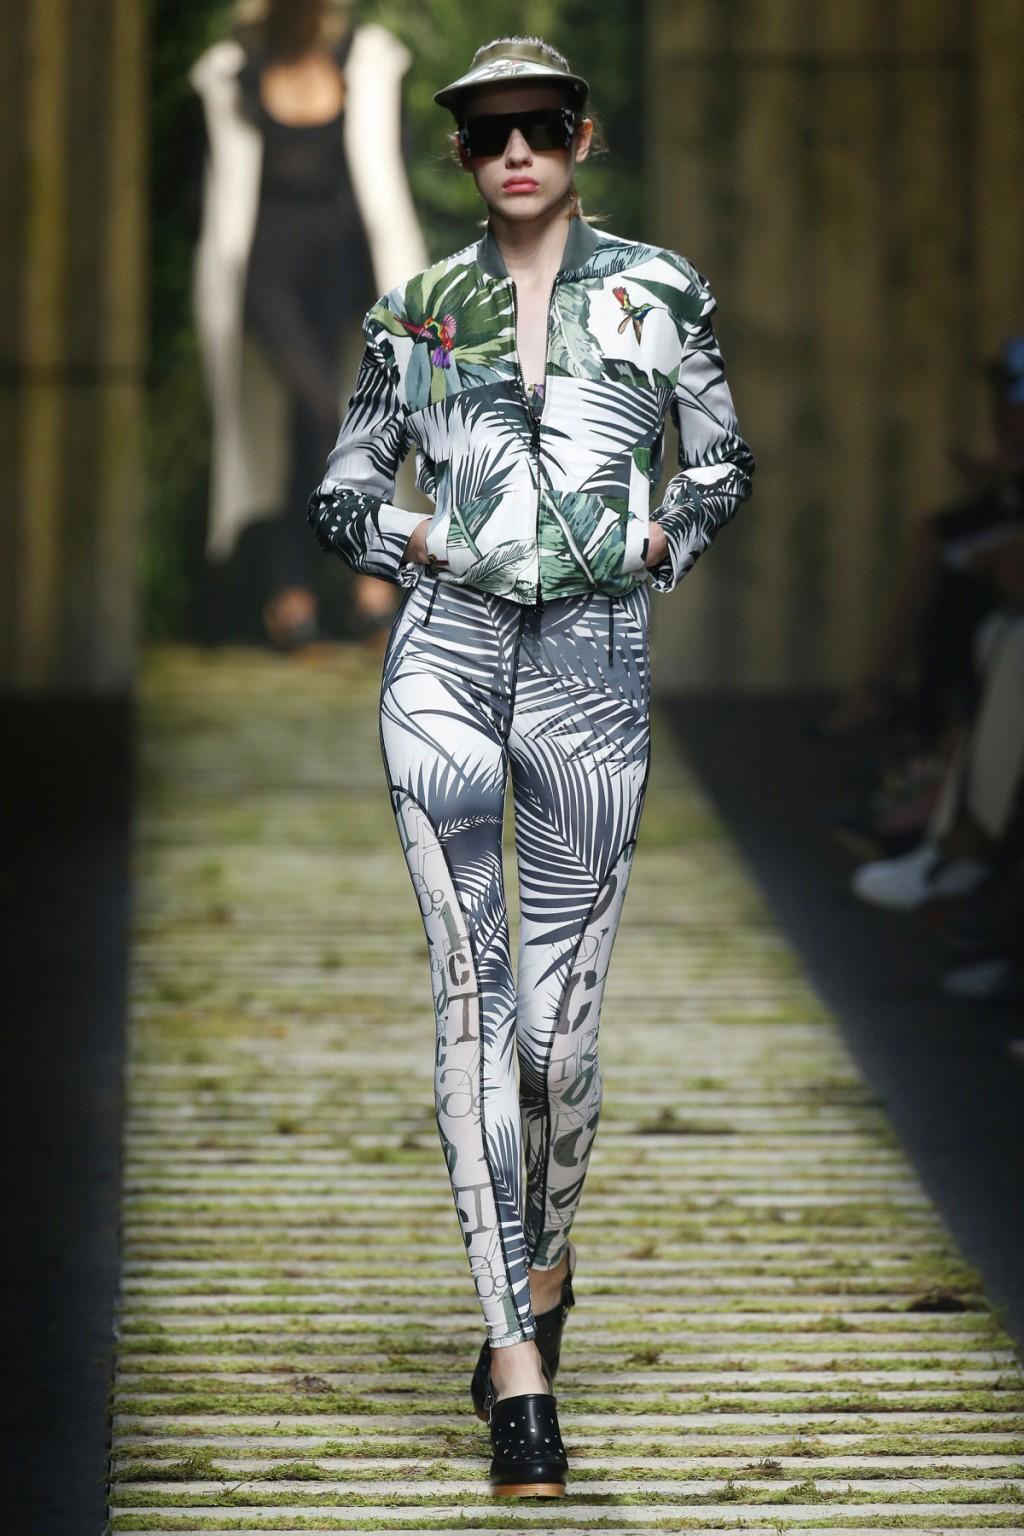 BST của Max Mara tràn ngập những thiết kế mang phong cách thể thao: từ những bộ tracksuits, áo bomber tới những chiếc áo váy lấy cảm hứng từ hoodie